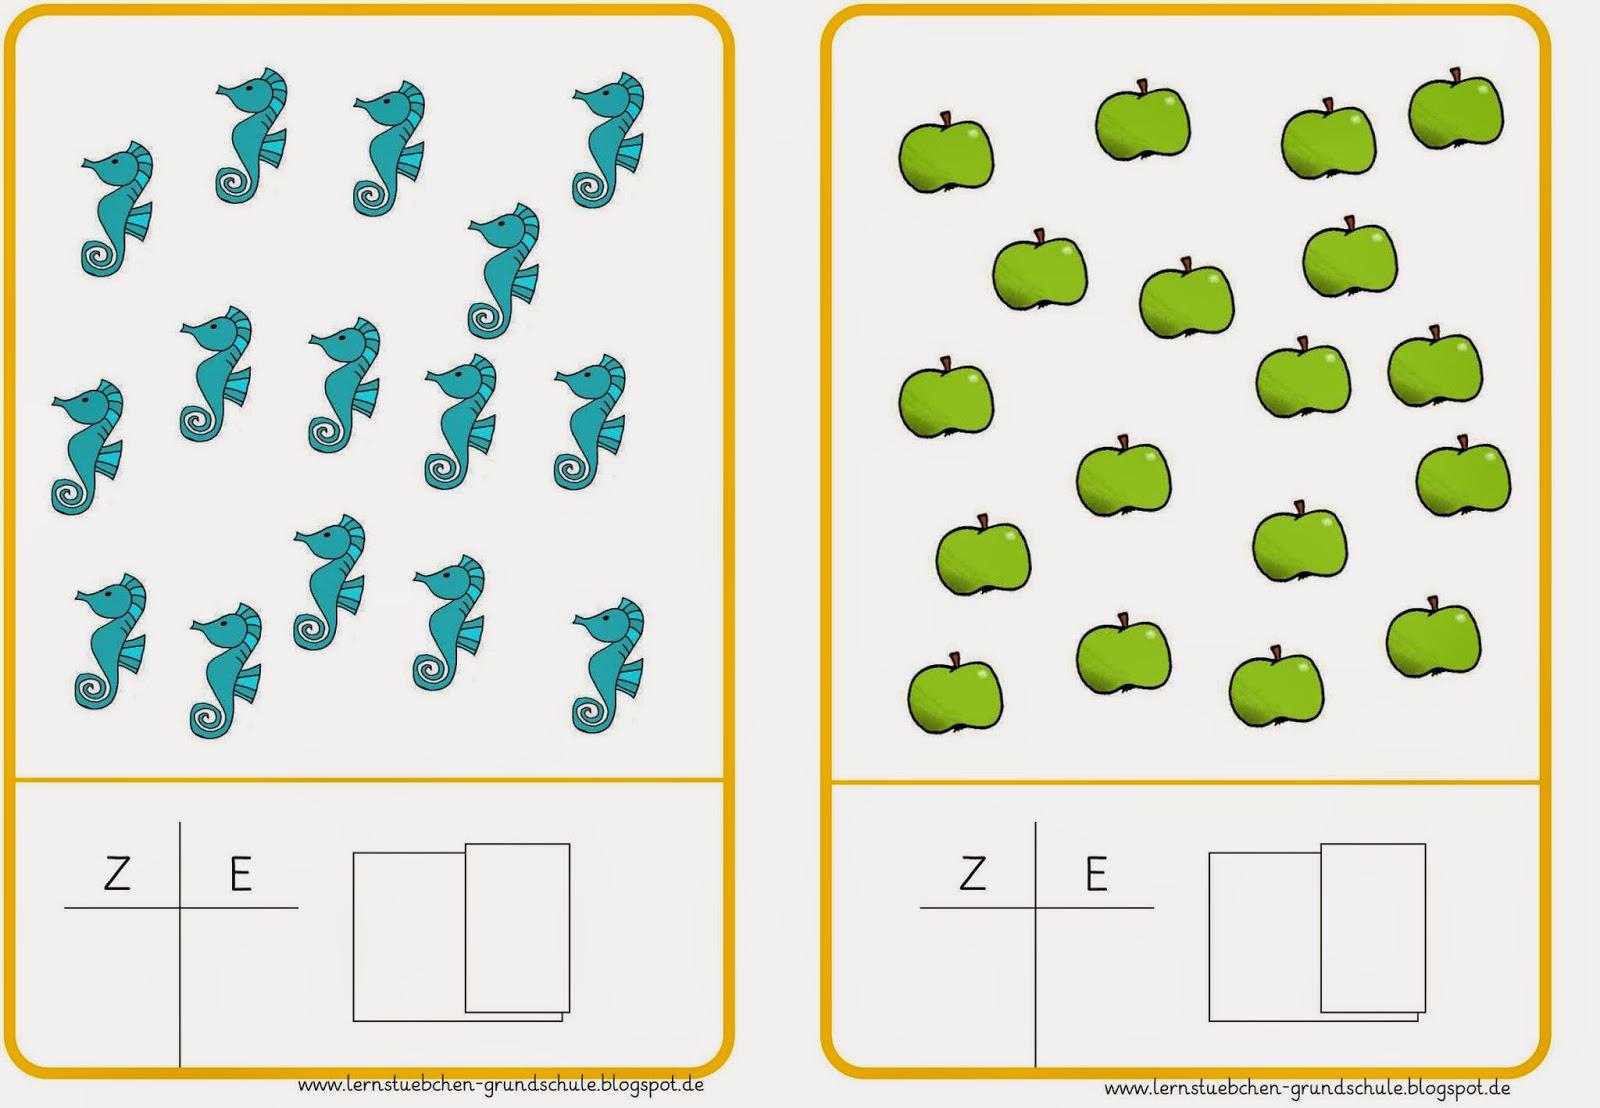 Erste klasse mathe ubungen